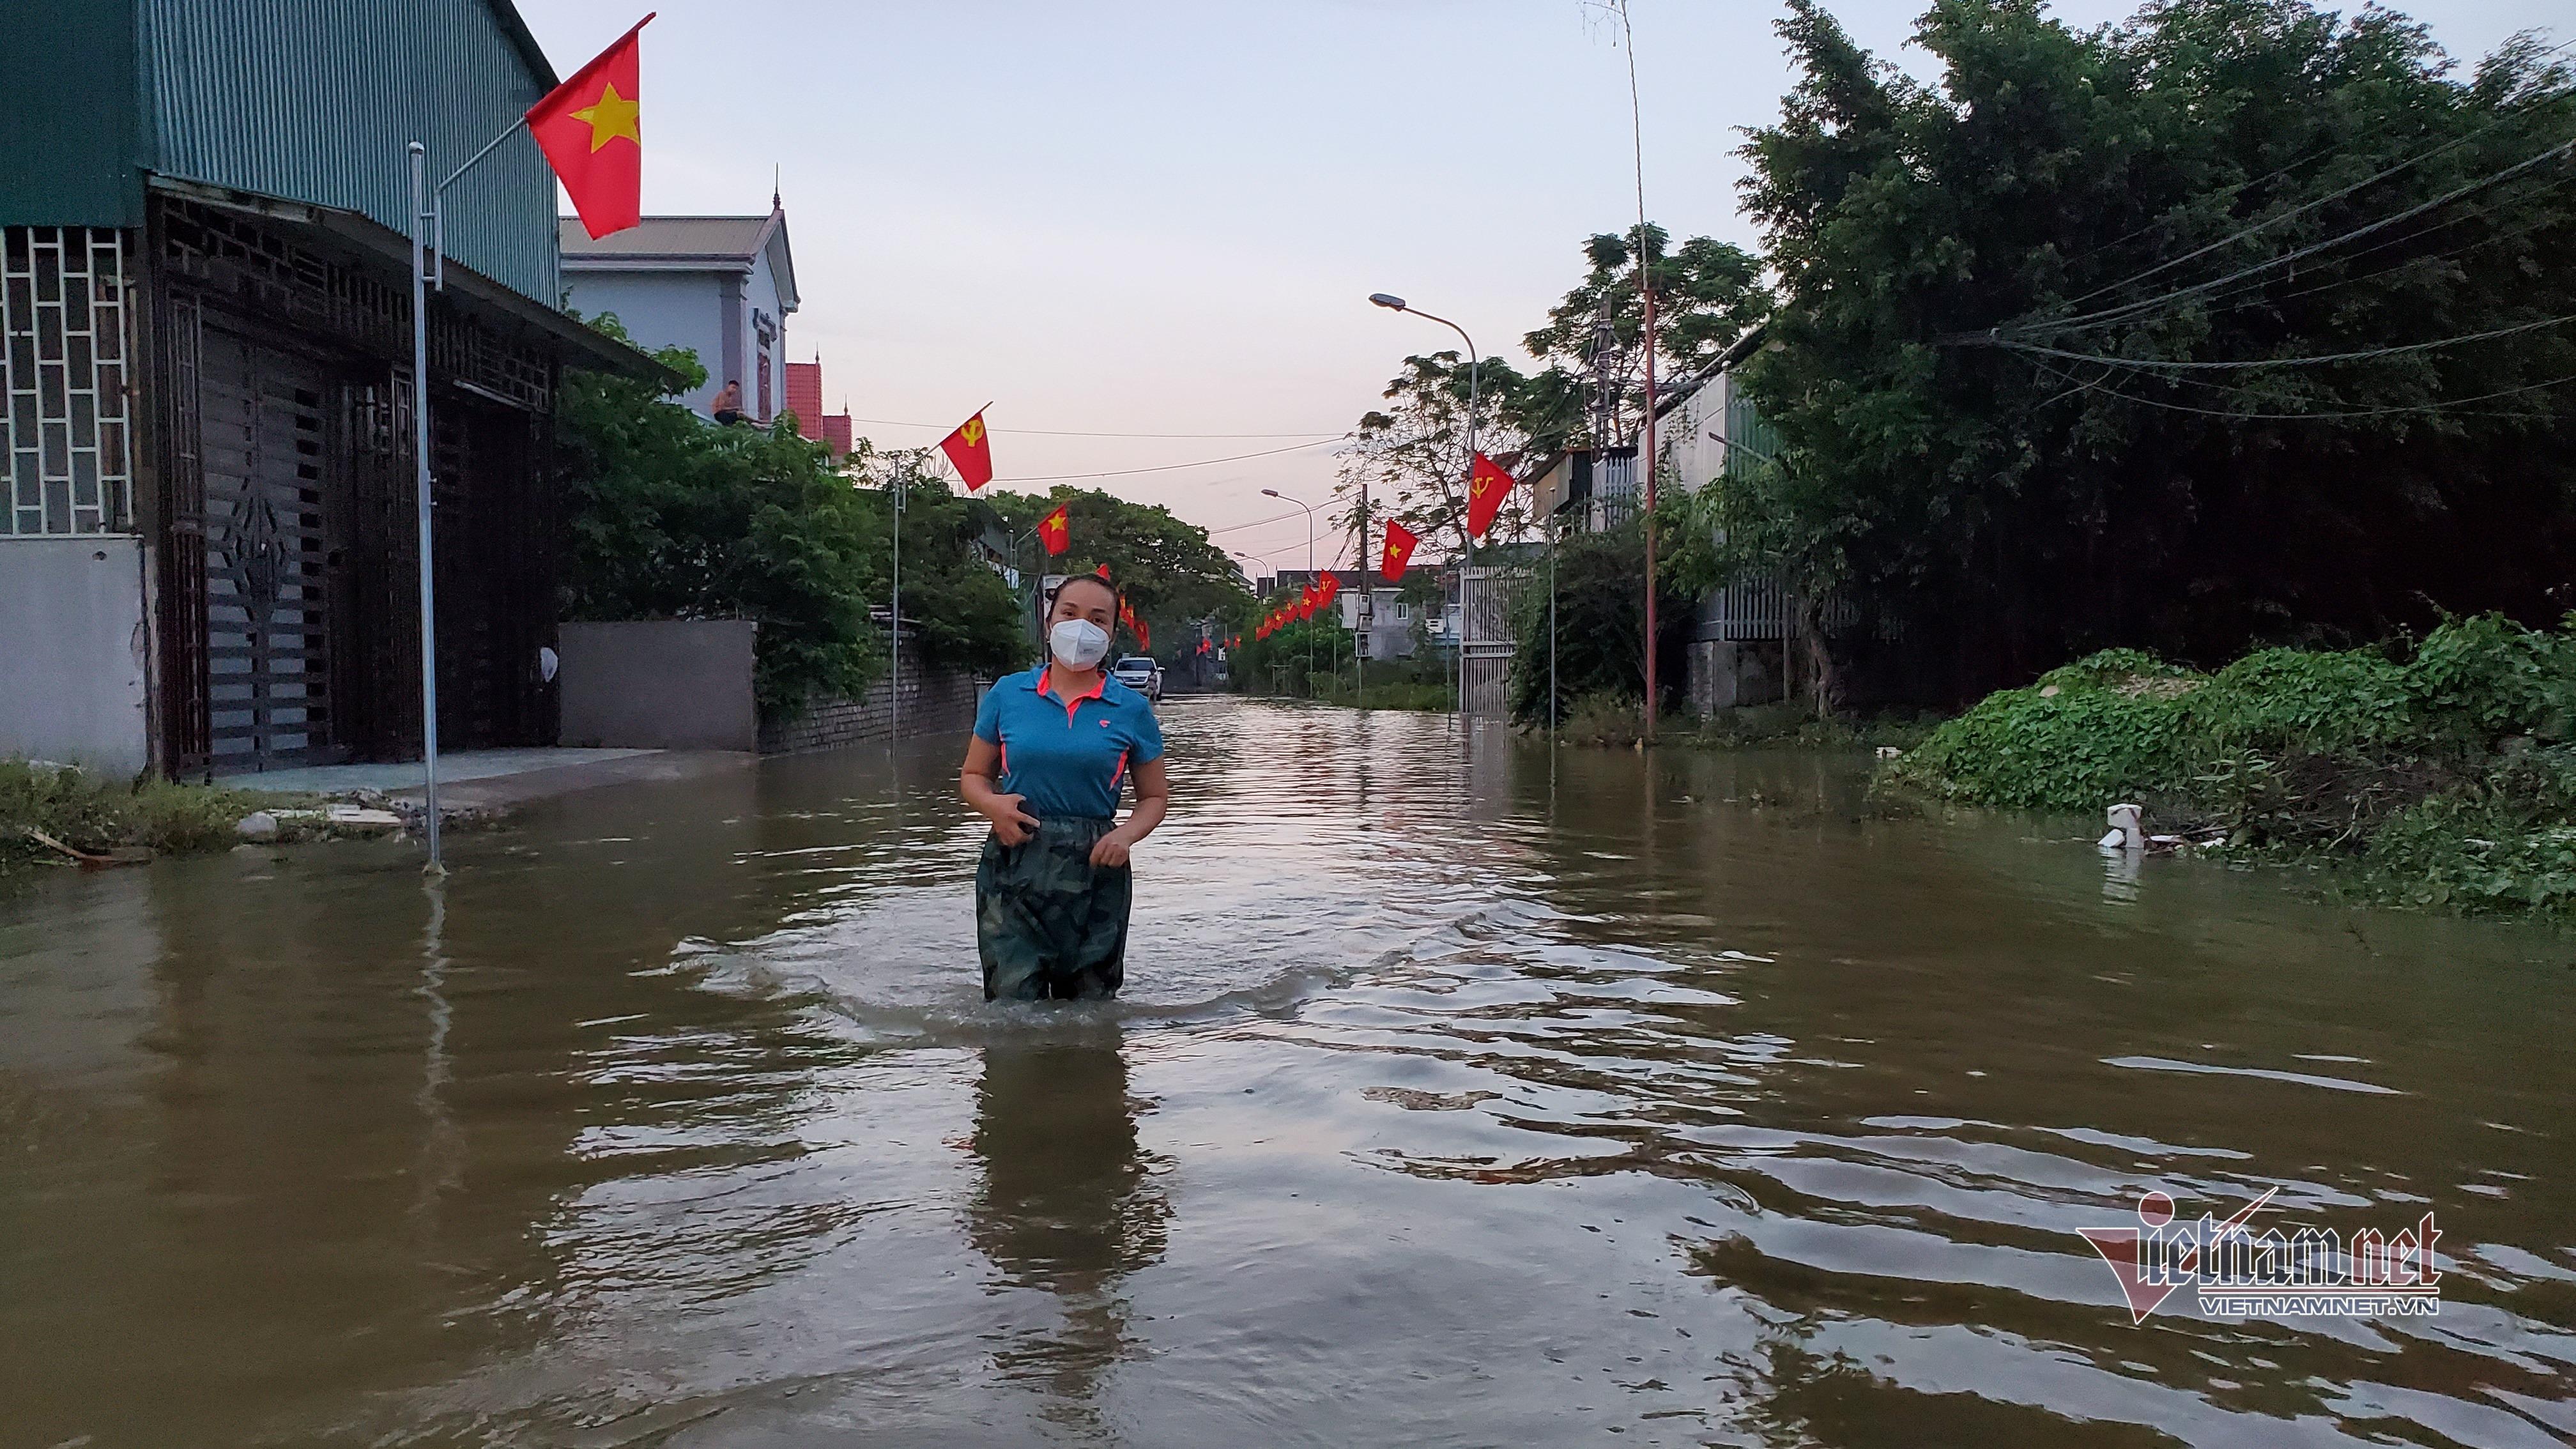 Hình ảnh vùng lũ nơi nhiều xã bị cô lập, gần 3.000 nhà dân còn ngập